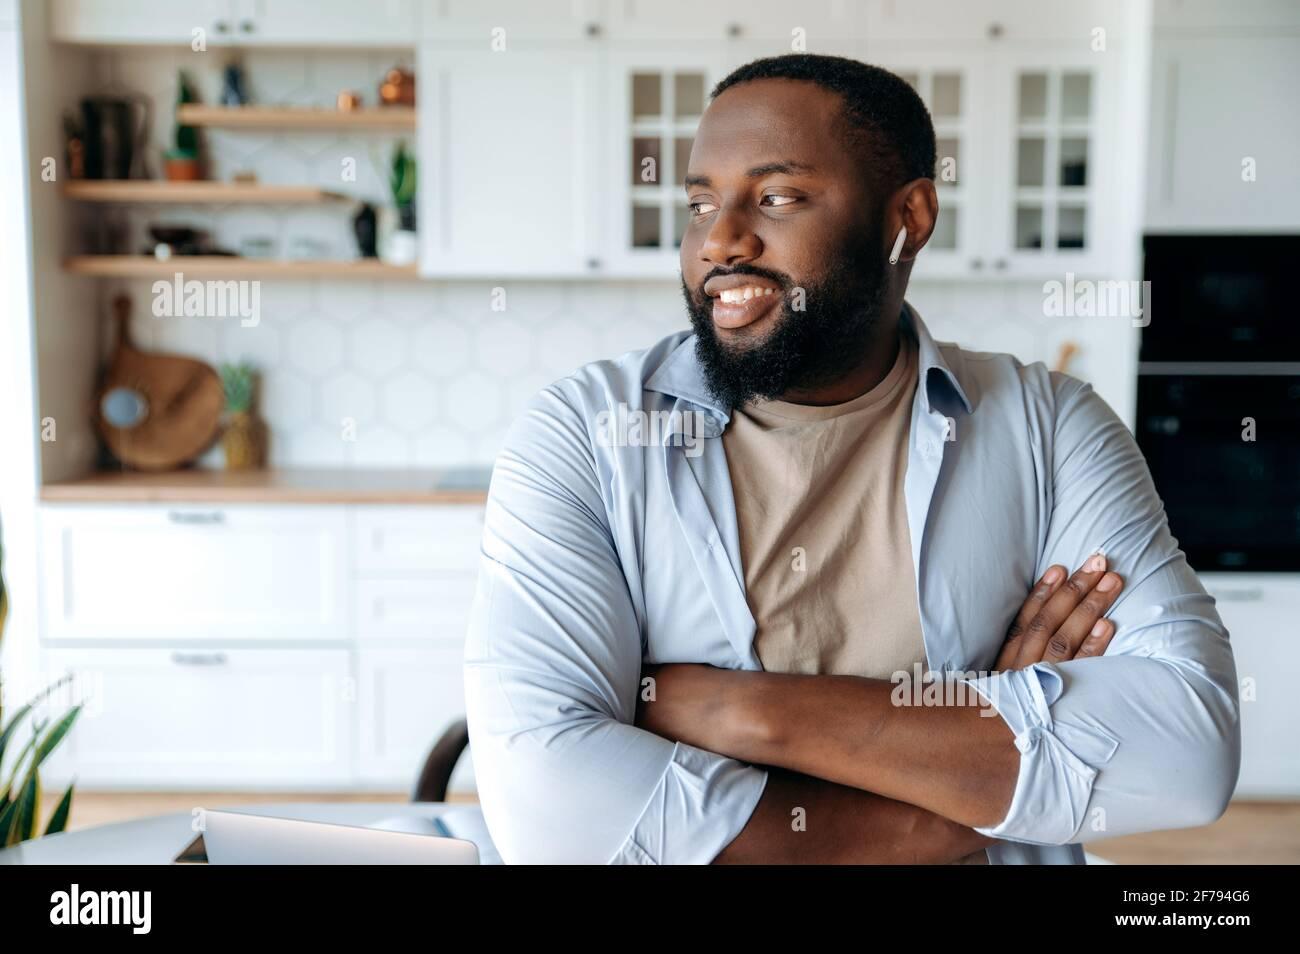 Portrait d'un jeune homme afro-américain plein de joie et confiant avec une barbe portant un casque debout dans le salon, portant des vêtements élégants, regardant sur le côté, bras croisés devant lui, souriant Banque D'Images